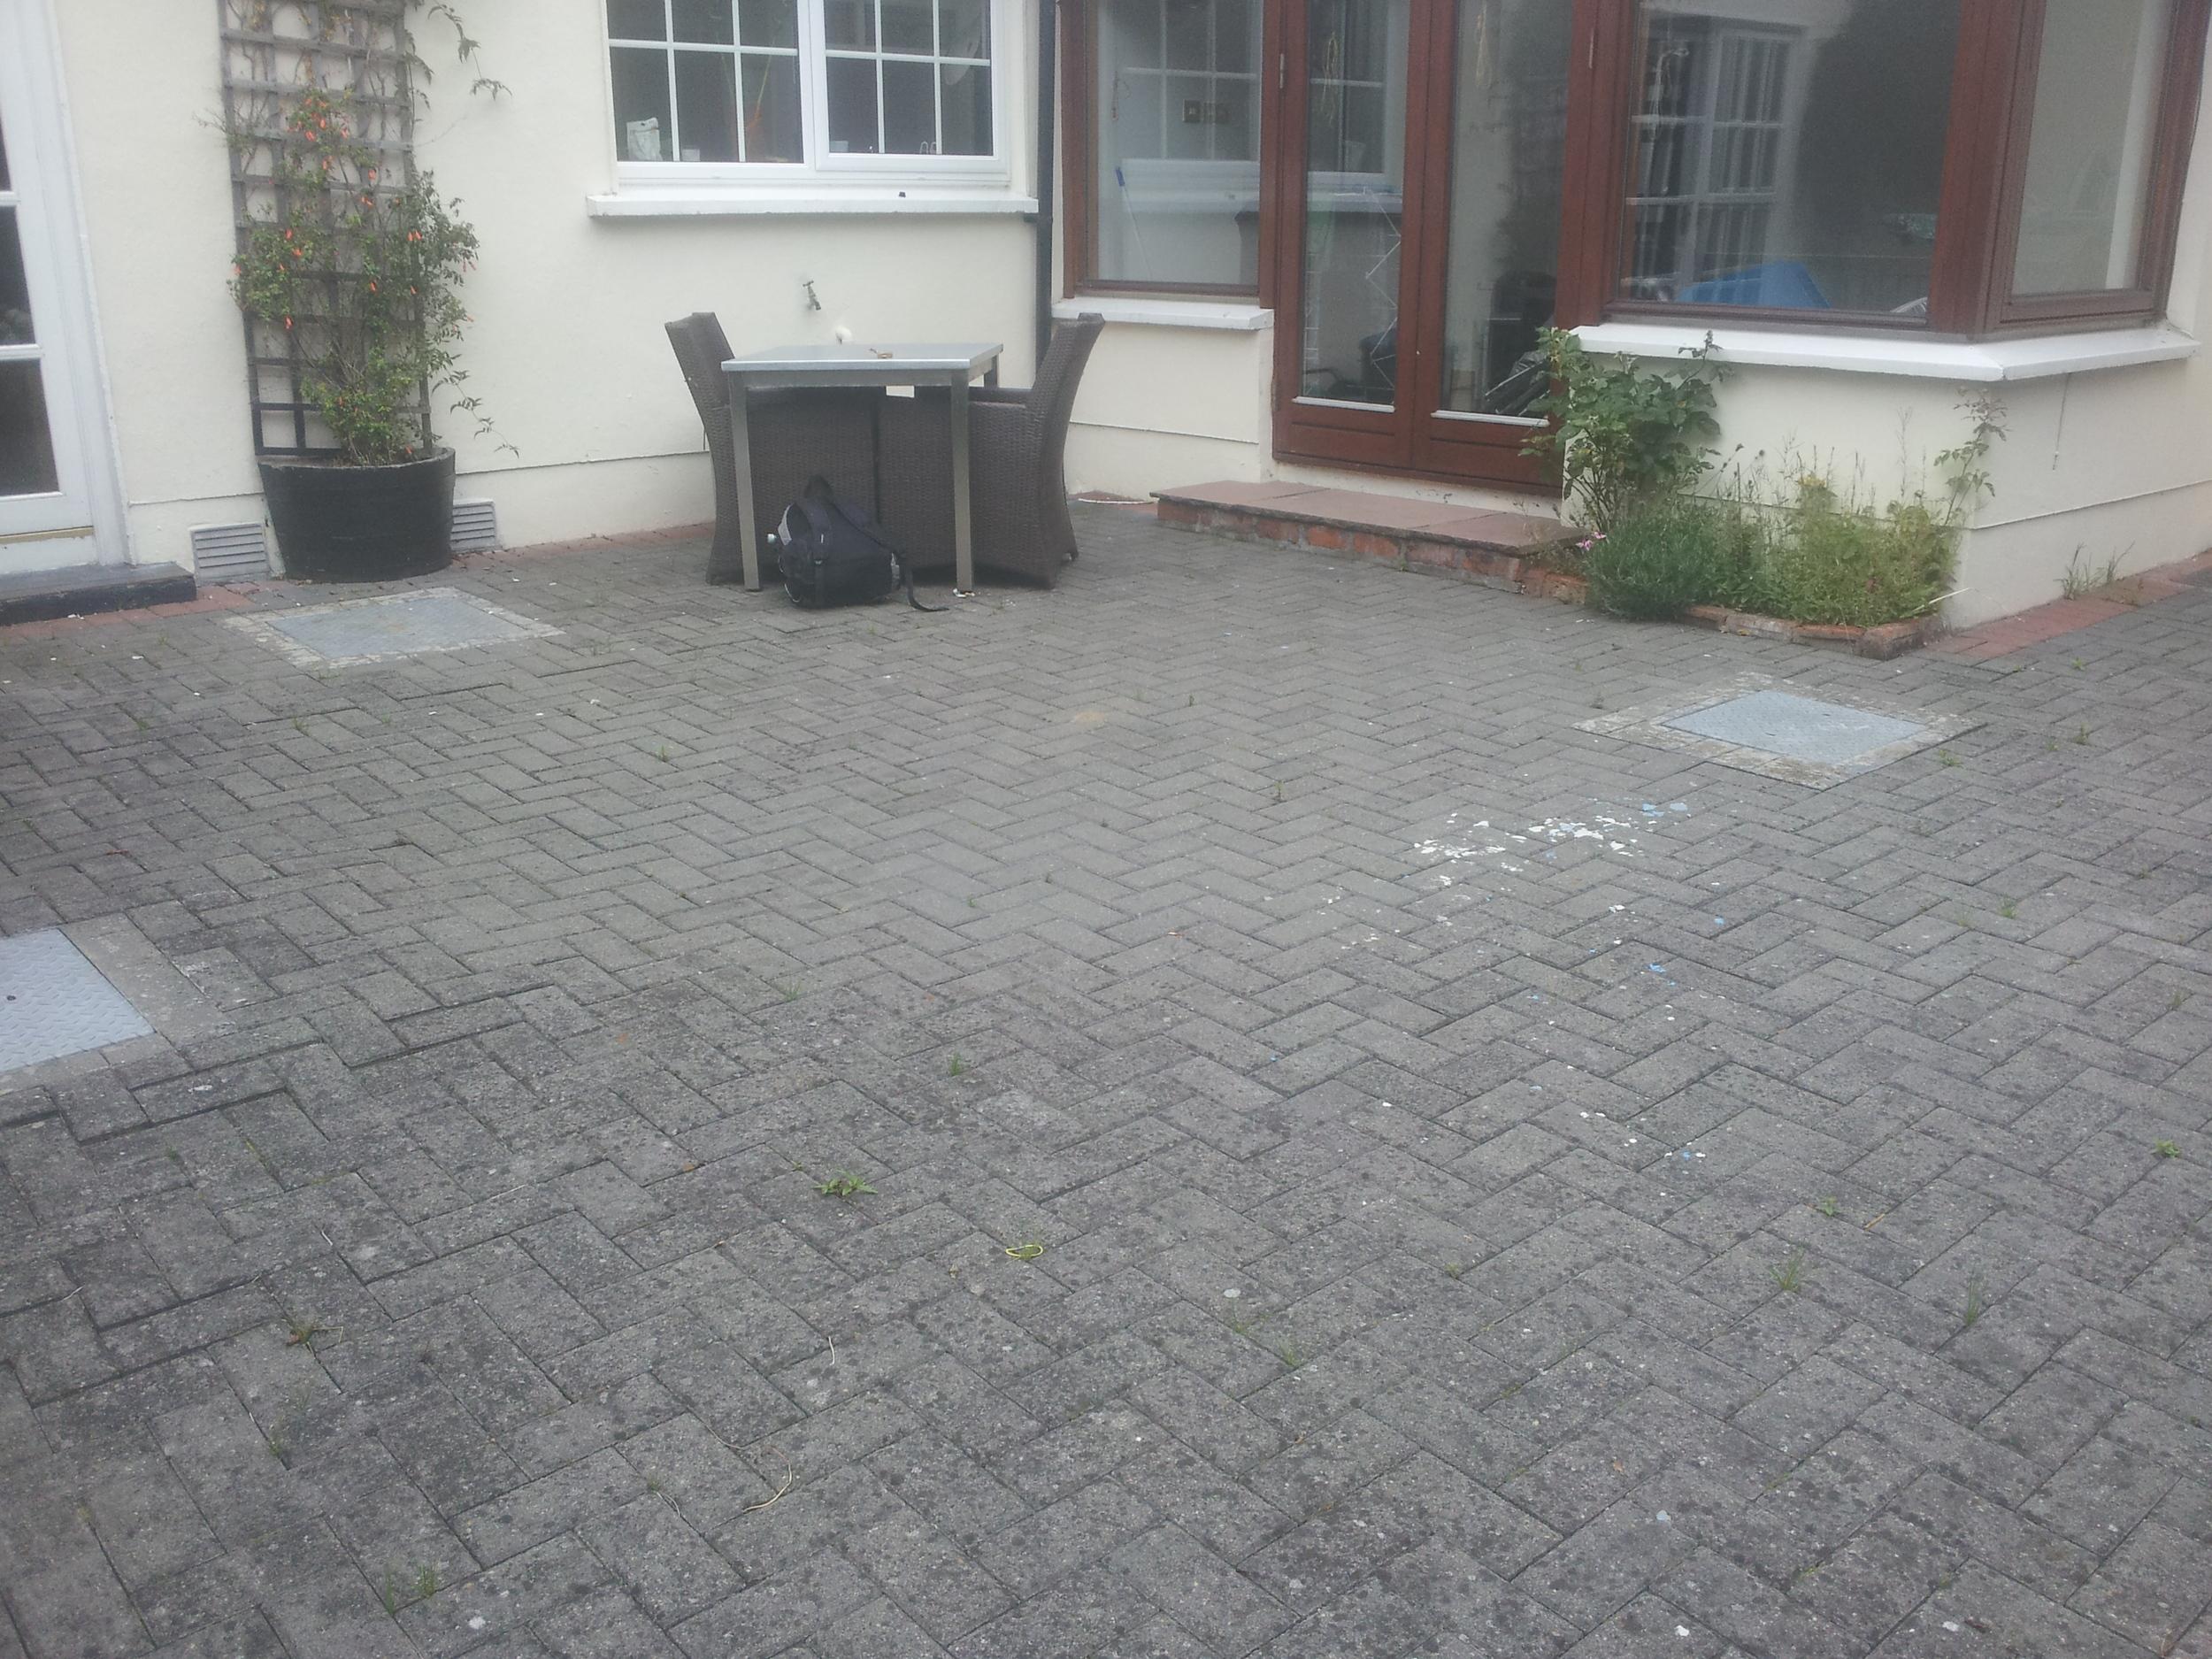 Garden prior to granite Patio being Installed